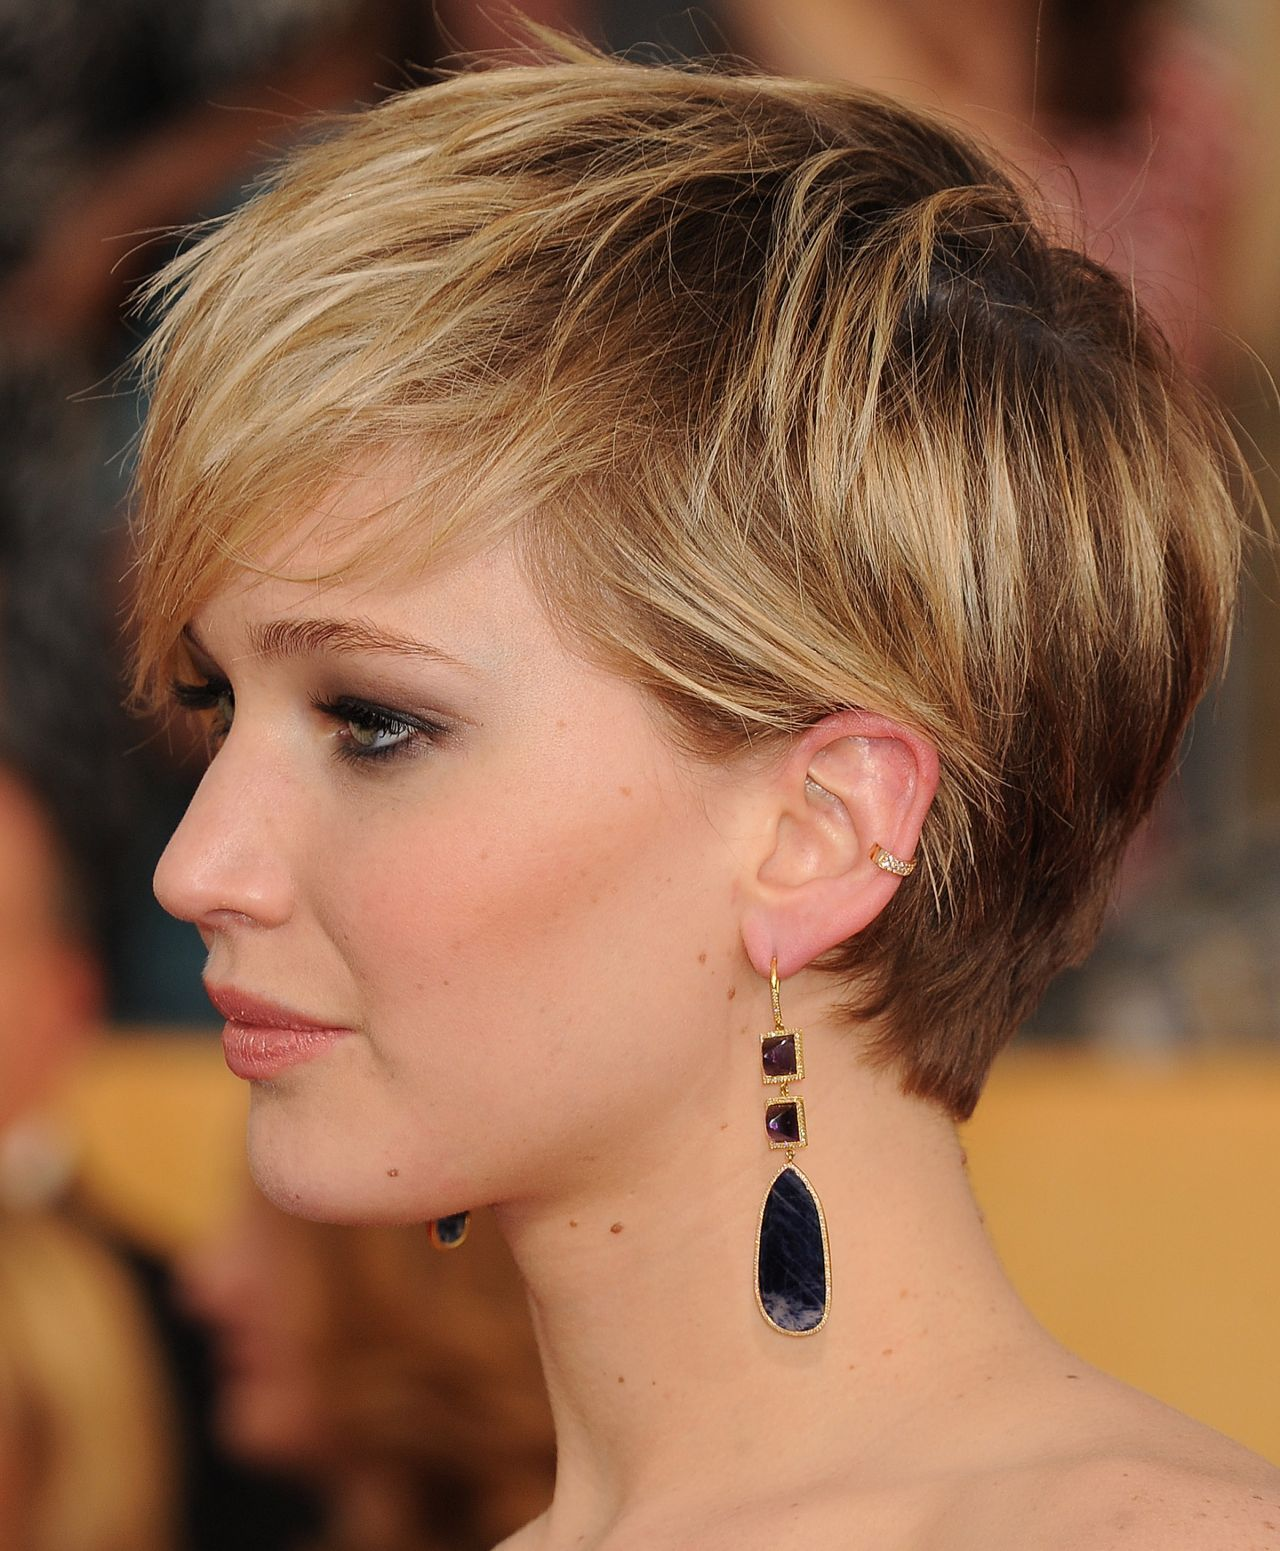 jennifer lawrence short hair photo …